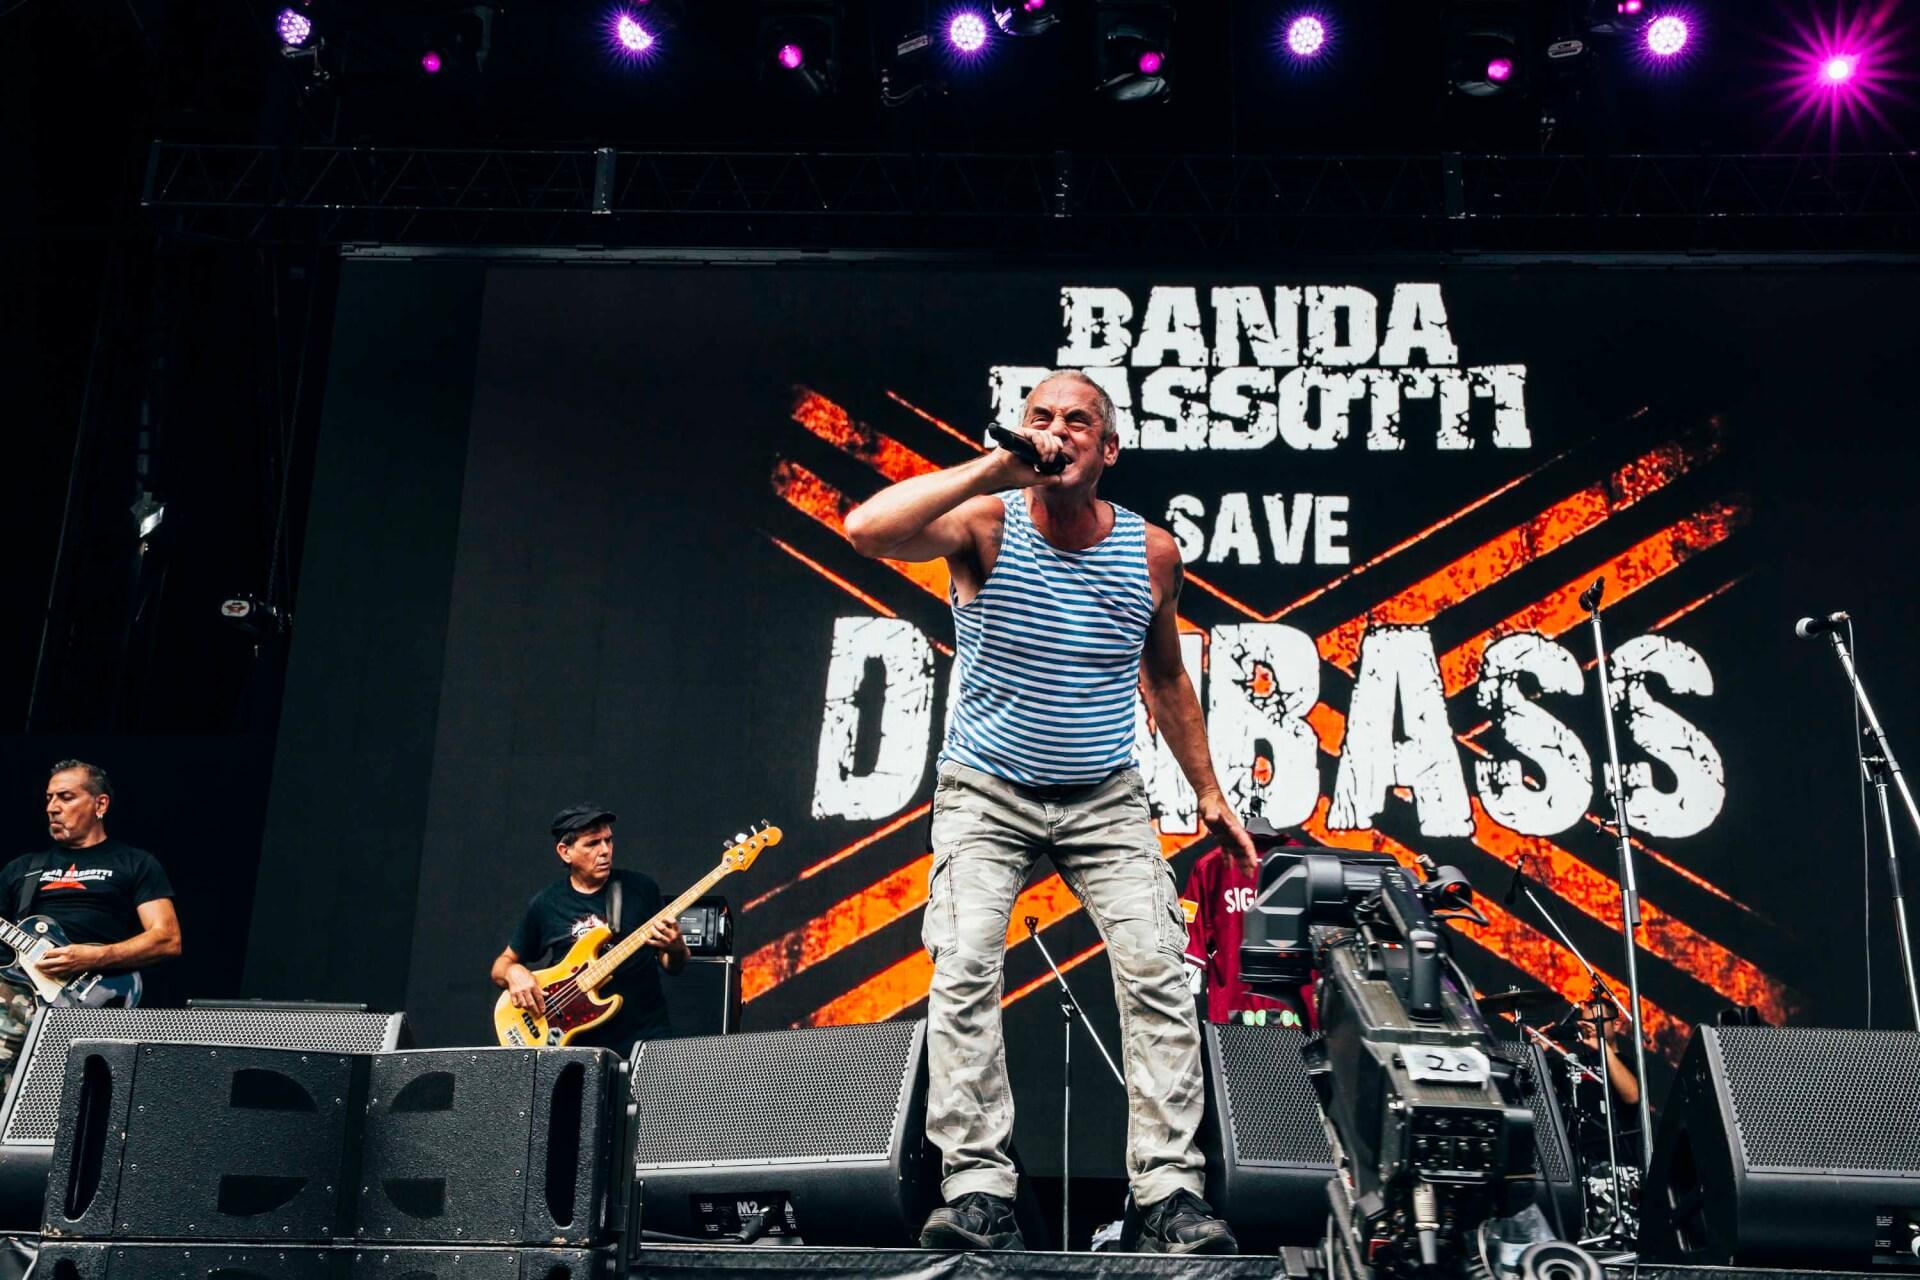 振り返るフジロック2019|BANDA BASSOTTI music190902-fujirock-report-bandabassotti-3